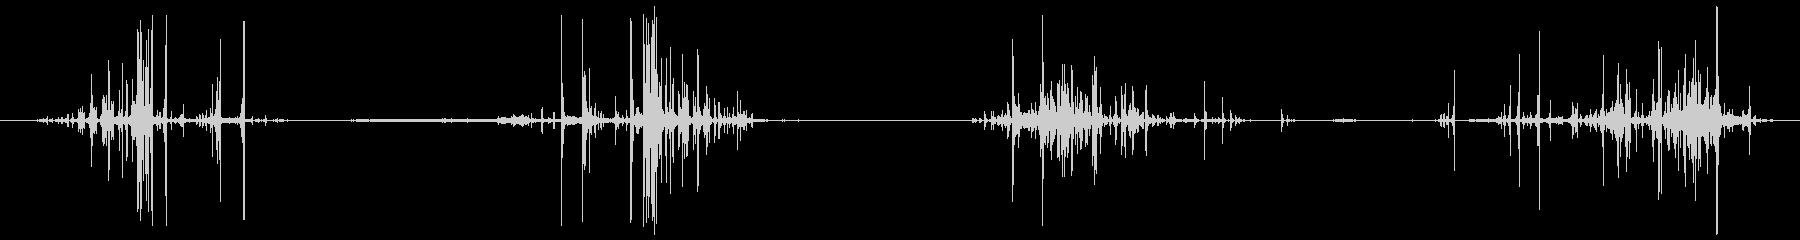 万華鏡 回す (シャカッ シャッカッッ)の未再生の波形